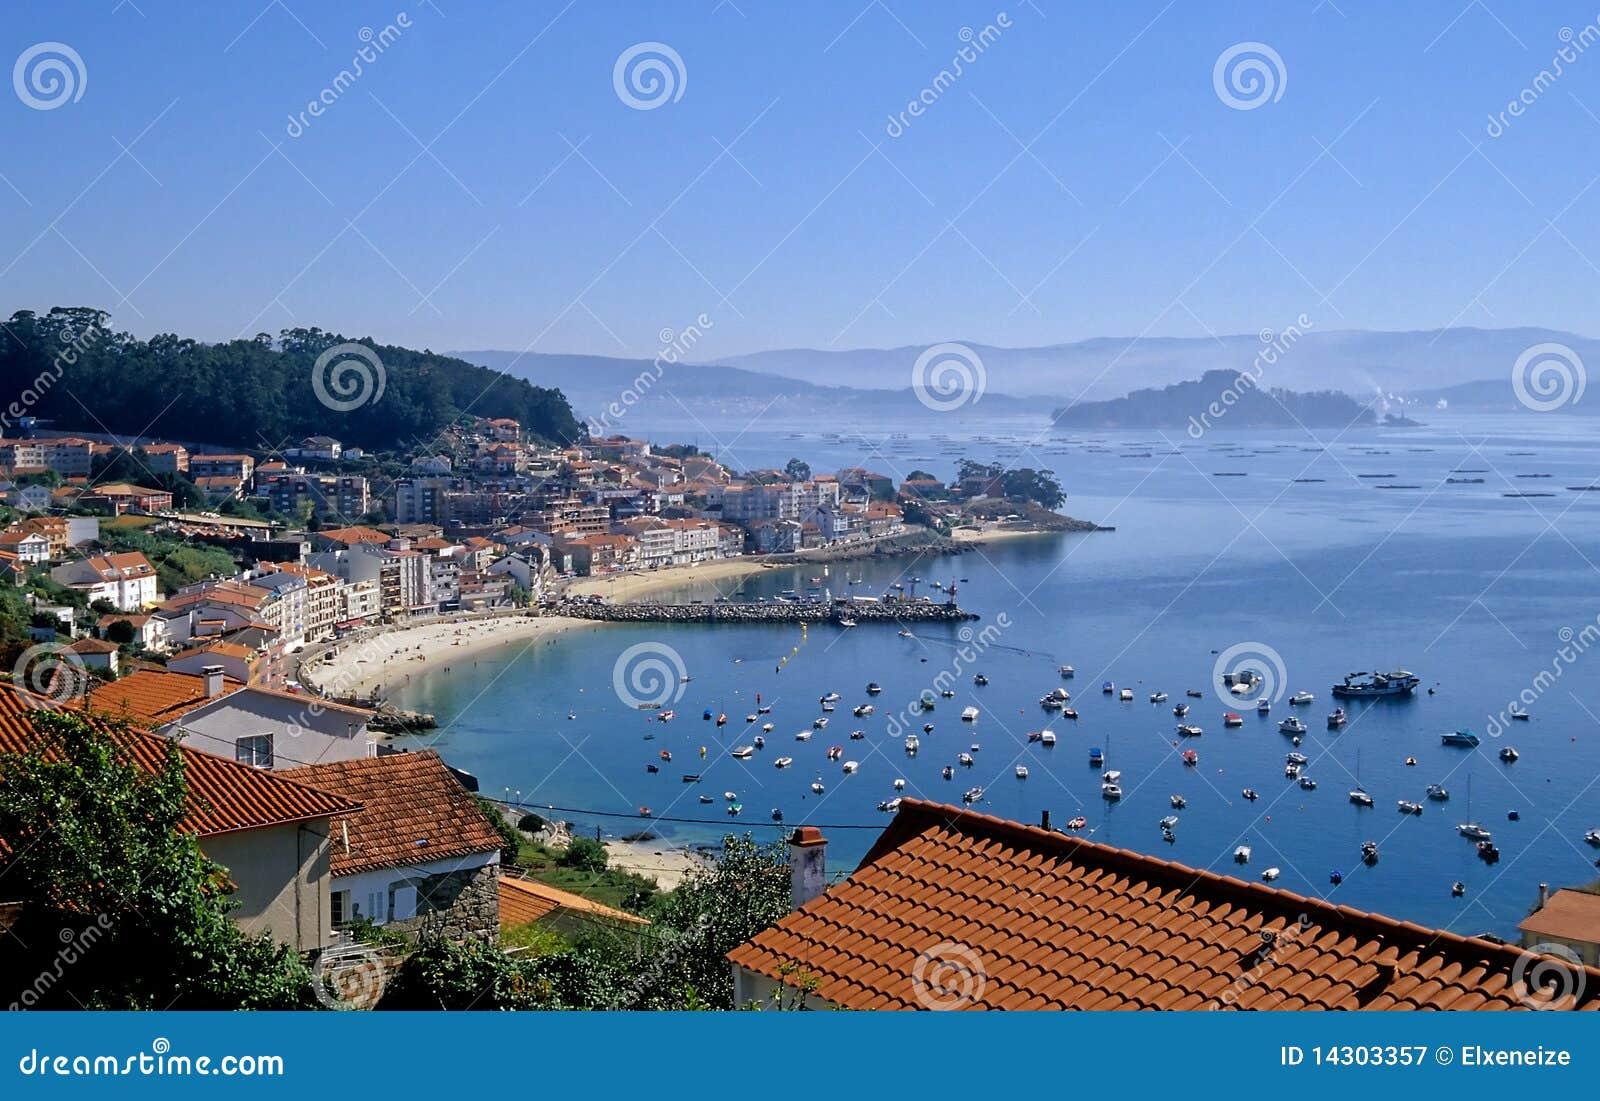 Granxa y el Ria de Pontevedra